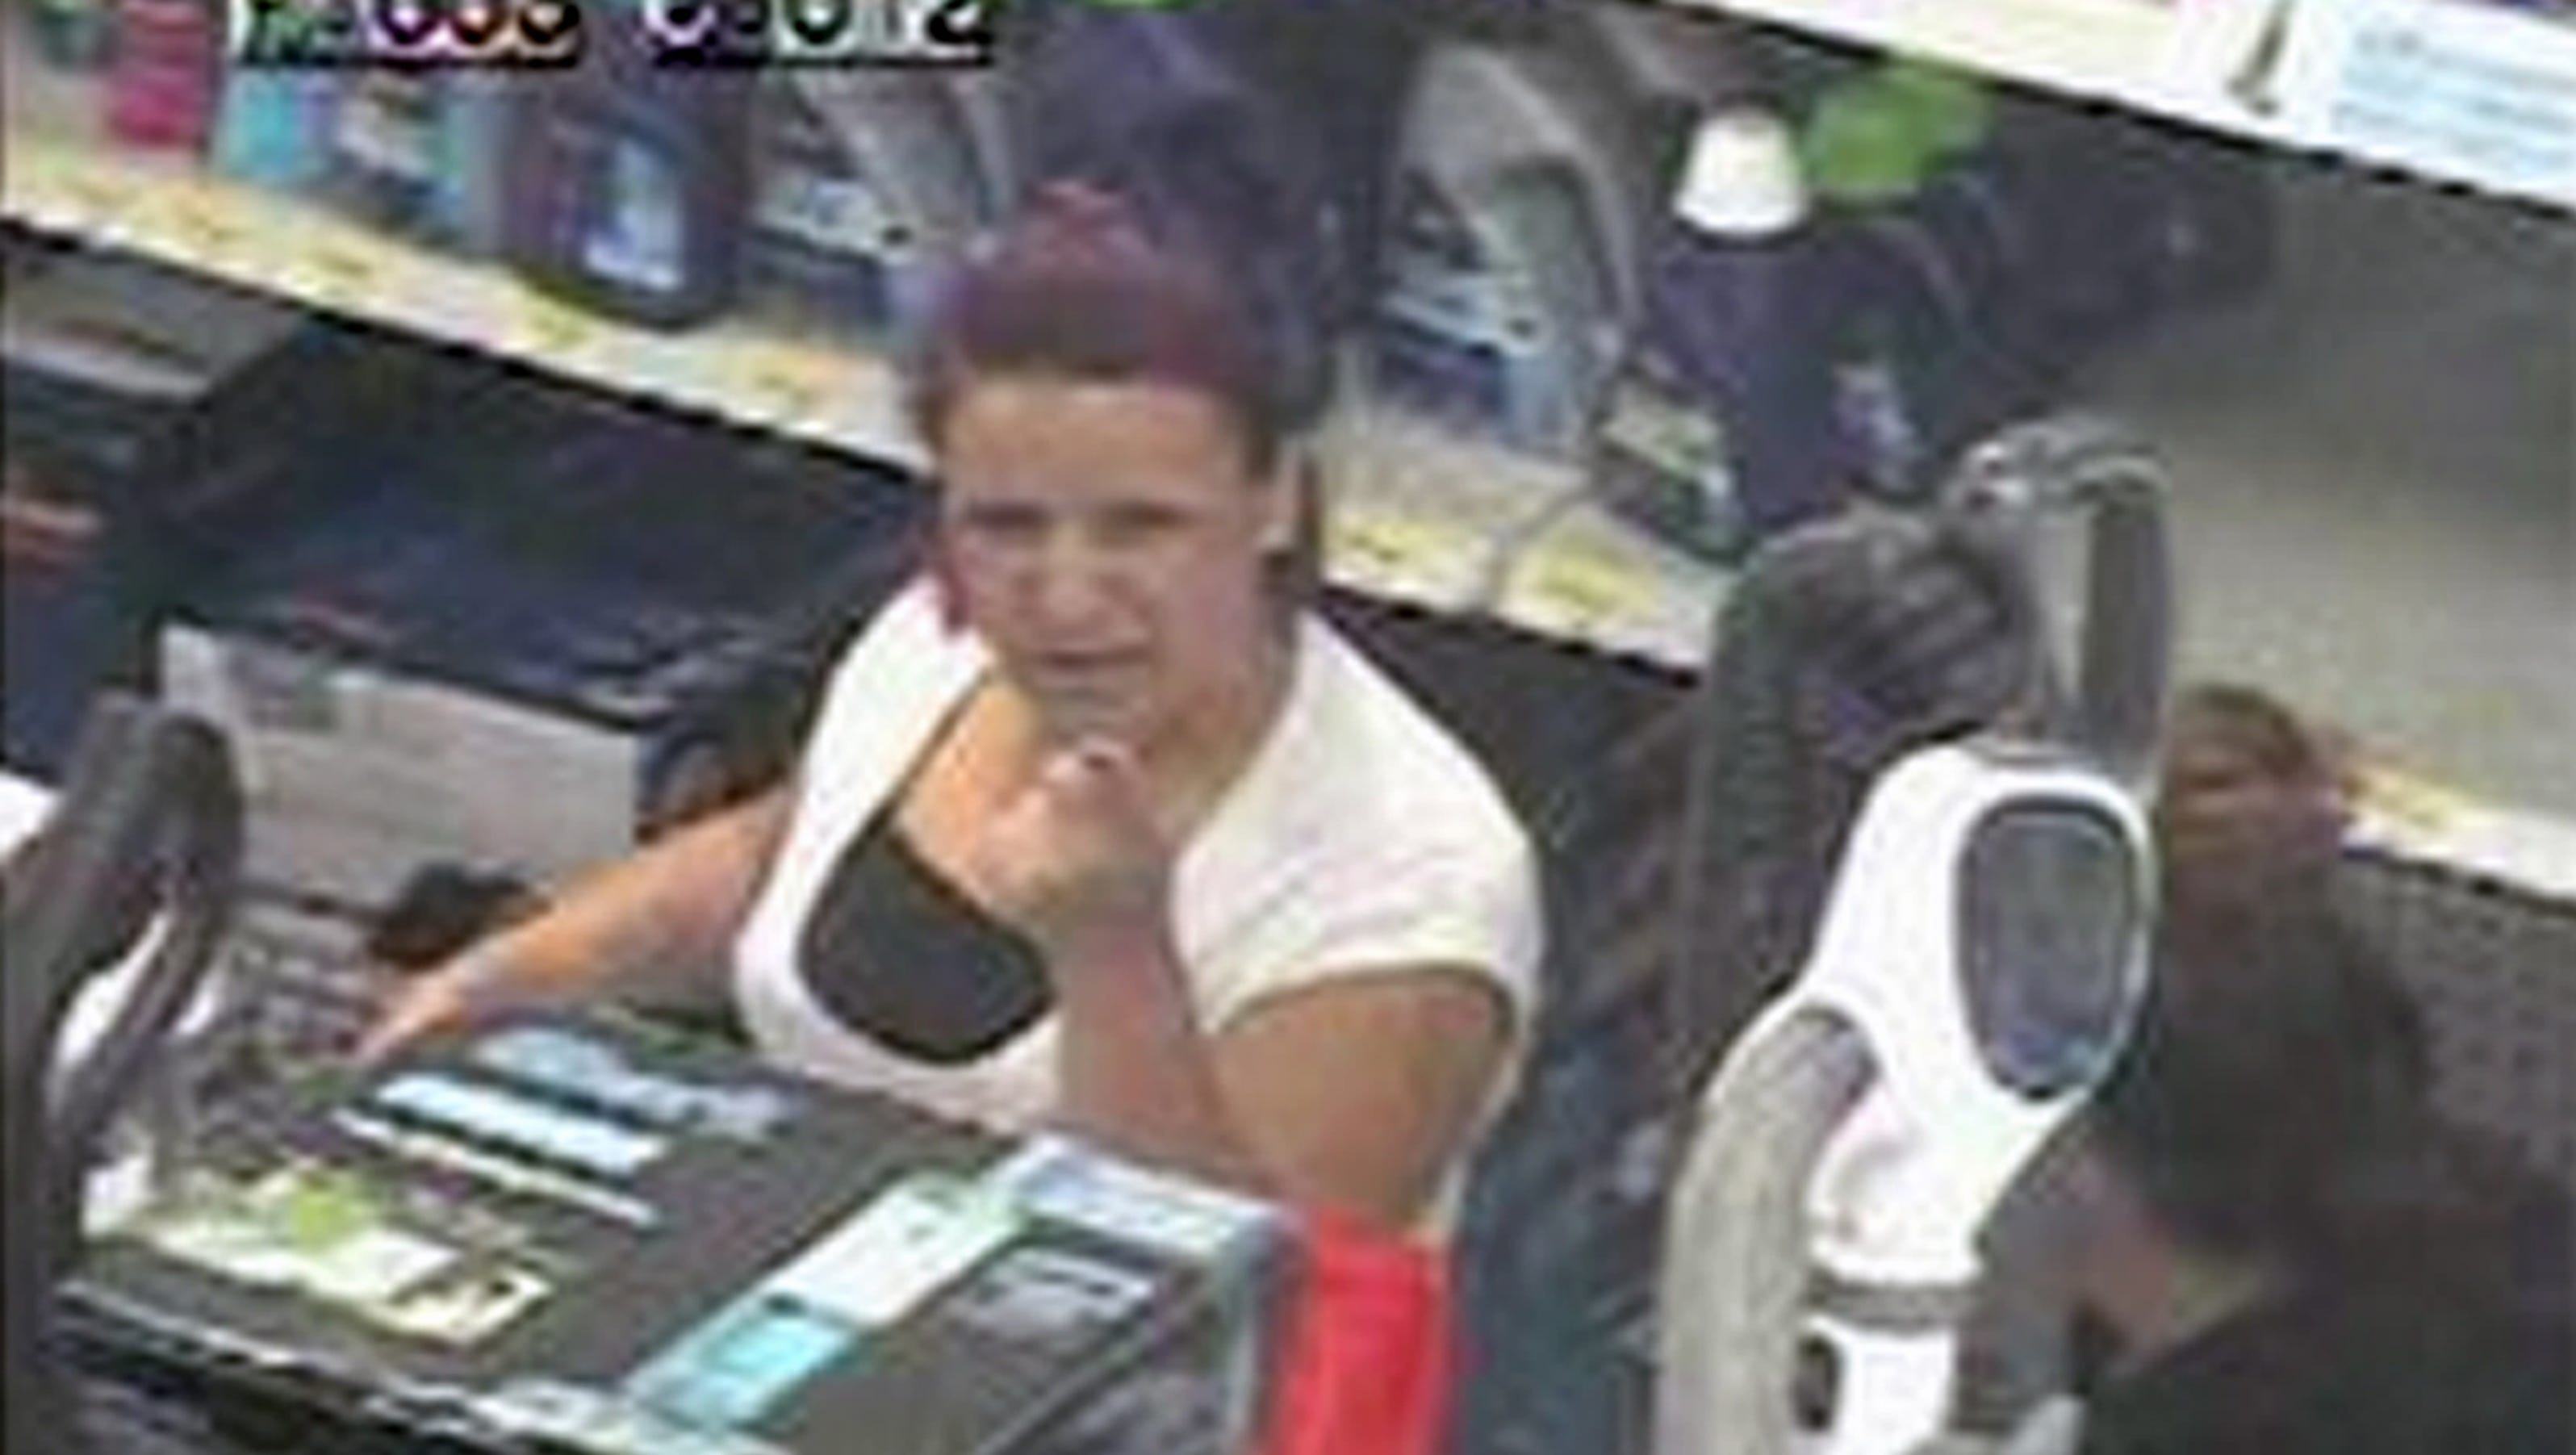 Teen assaults walmart employees in shoplifting attempt - 9NEWS com